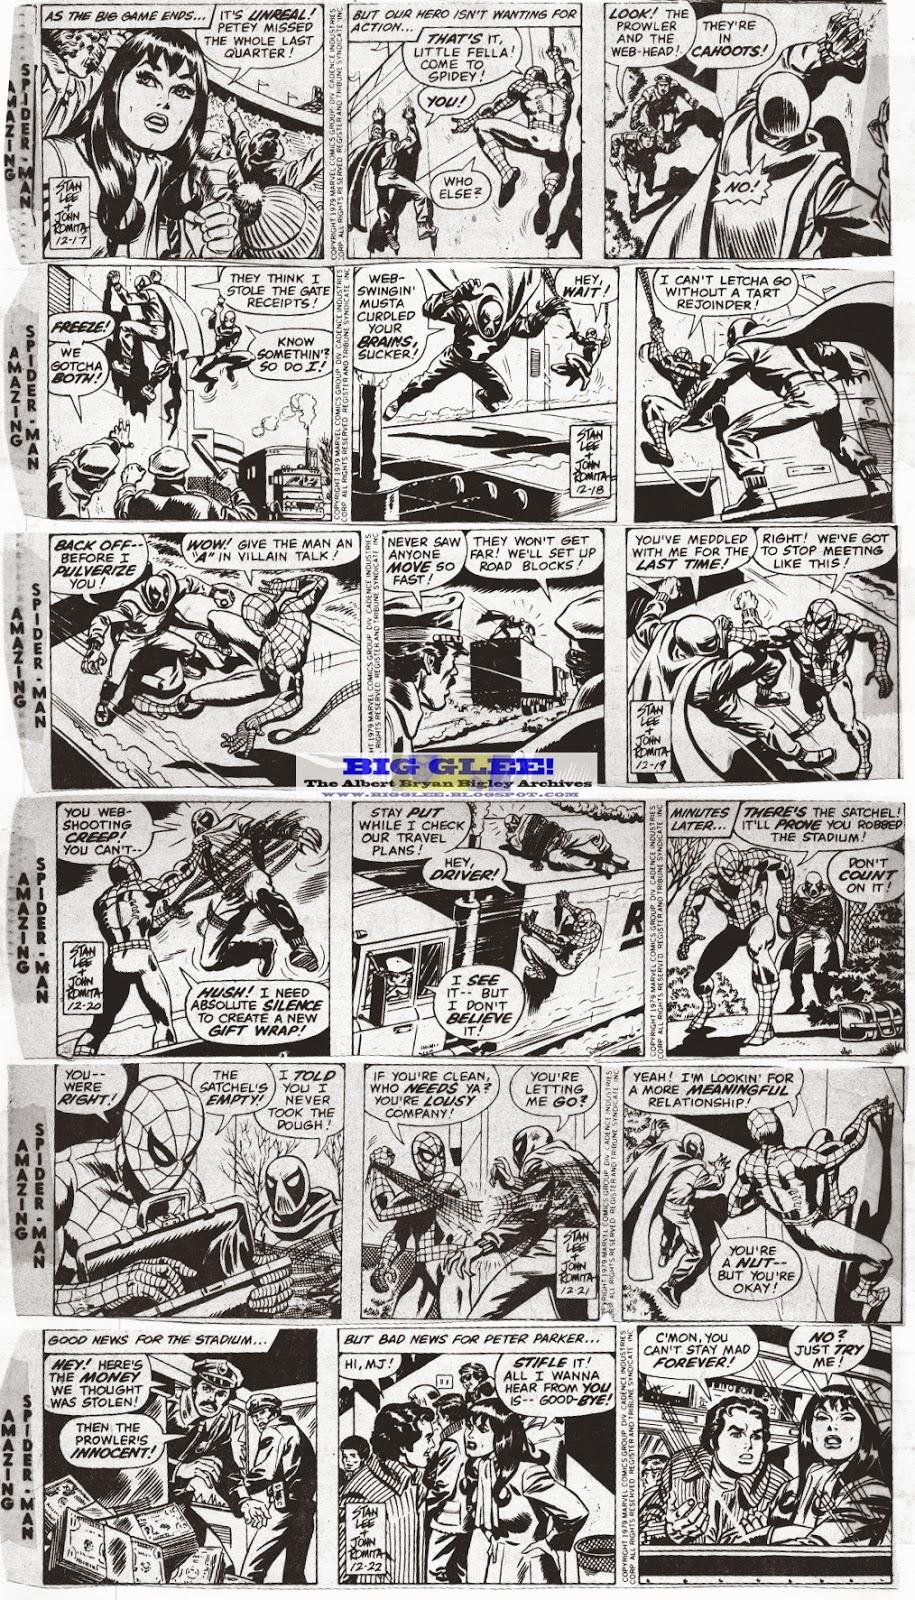 JEUX DE COLORIAGE POUR GARÇON Gratuit sur JEU info - Coloriage Batman Et Spiderman